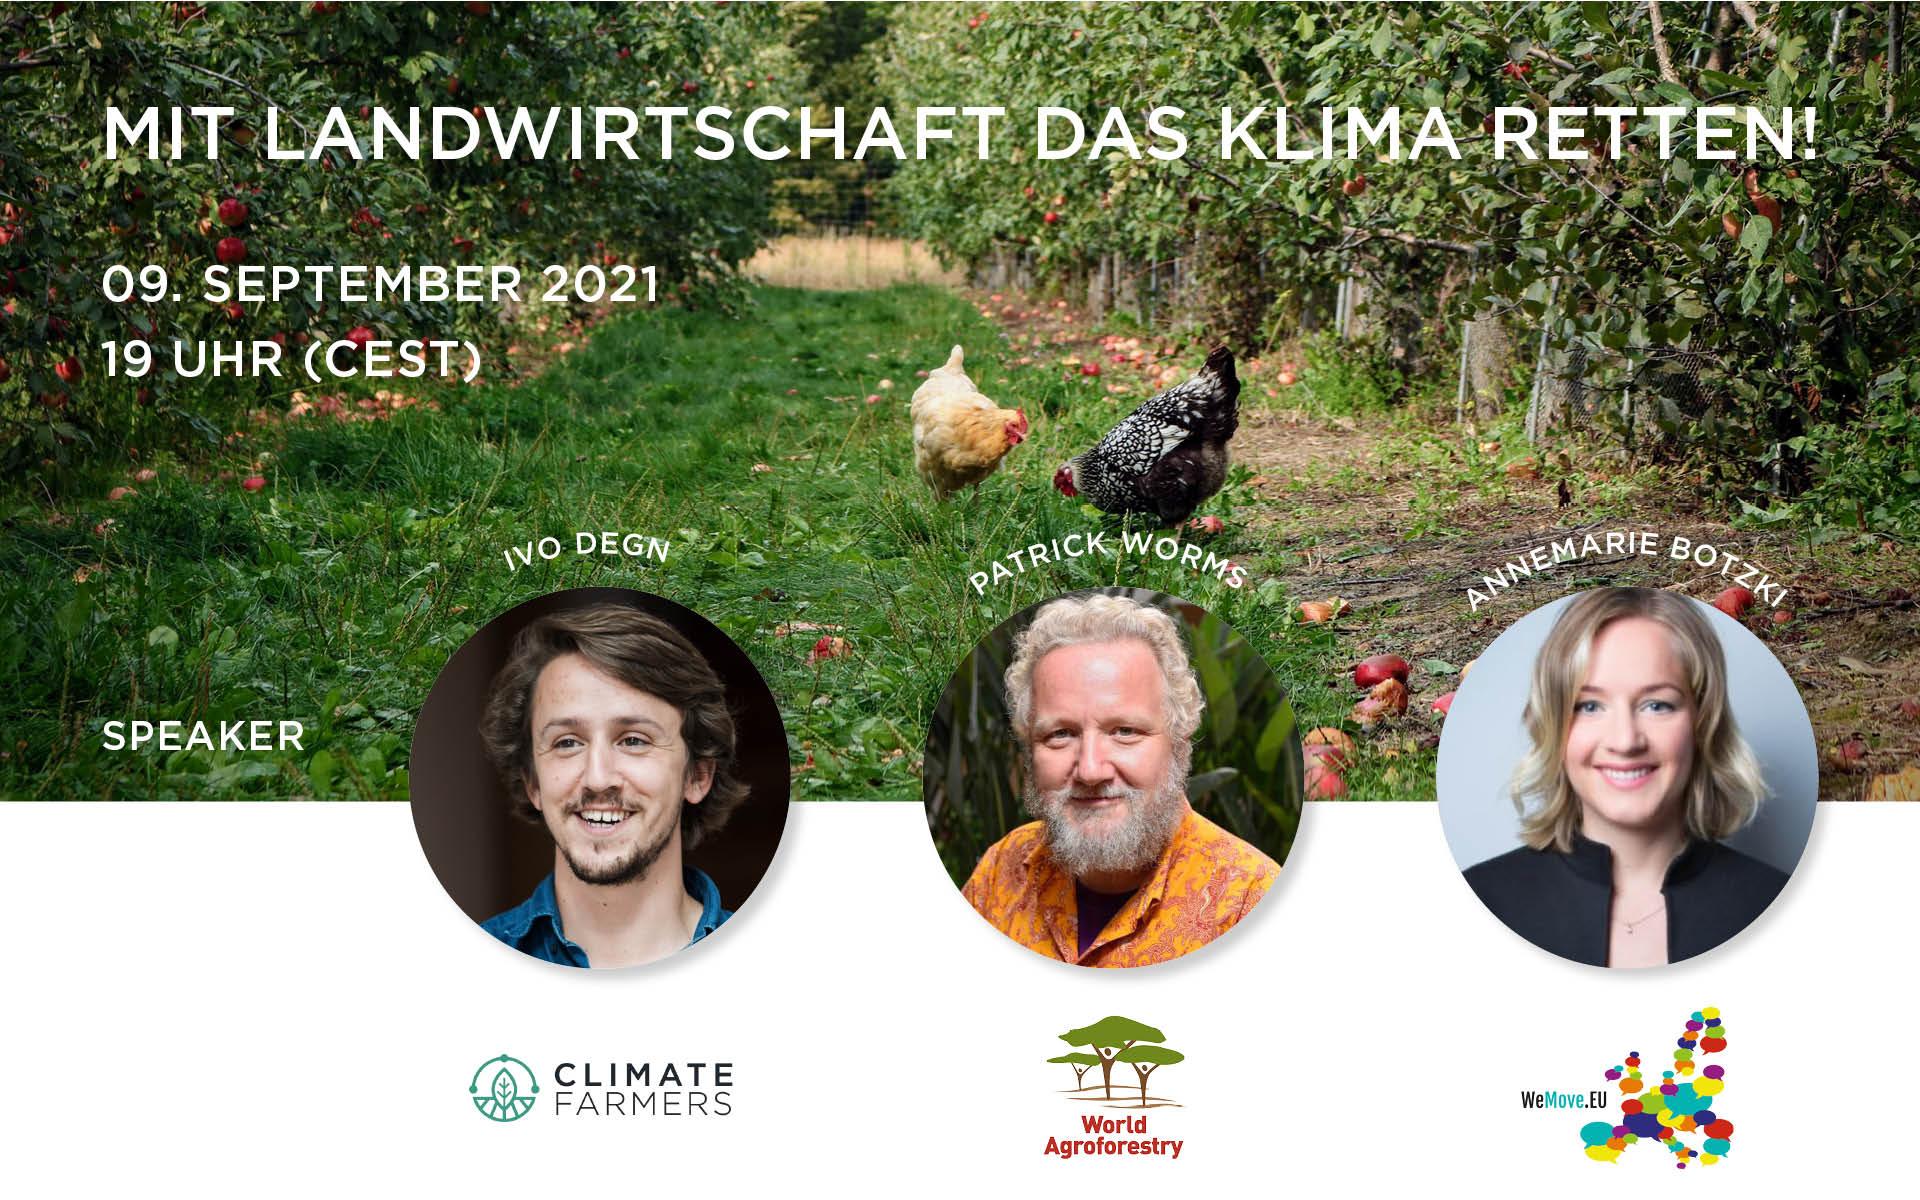 """Einladung zum Webinar """"Mit Landwirtschaft das Klima retten!"""" am 9. September, 19 Uhr"""